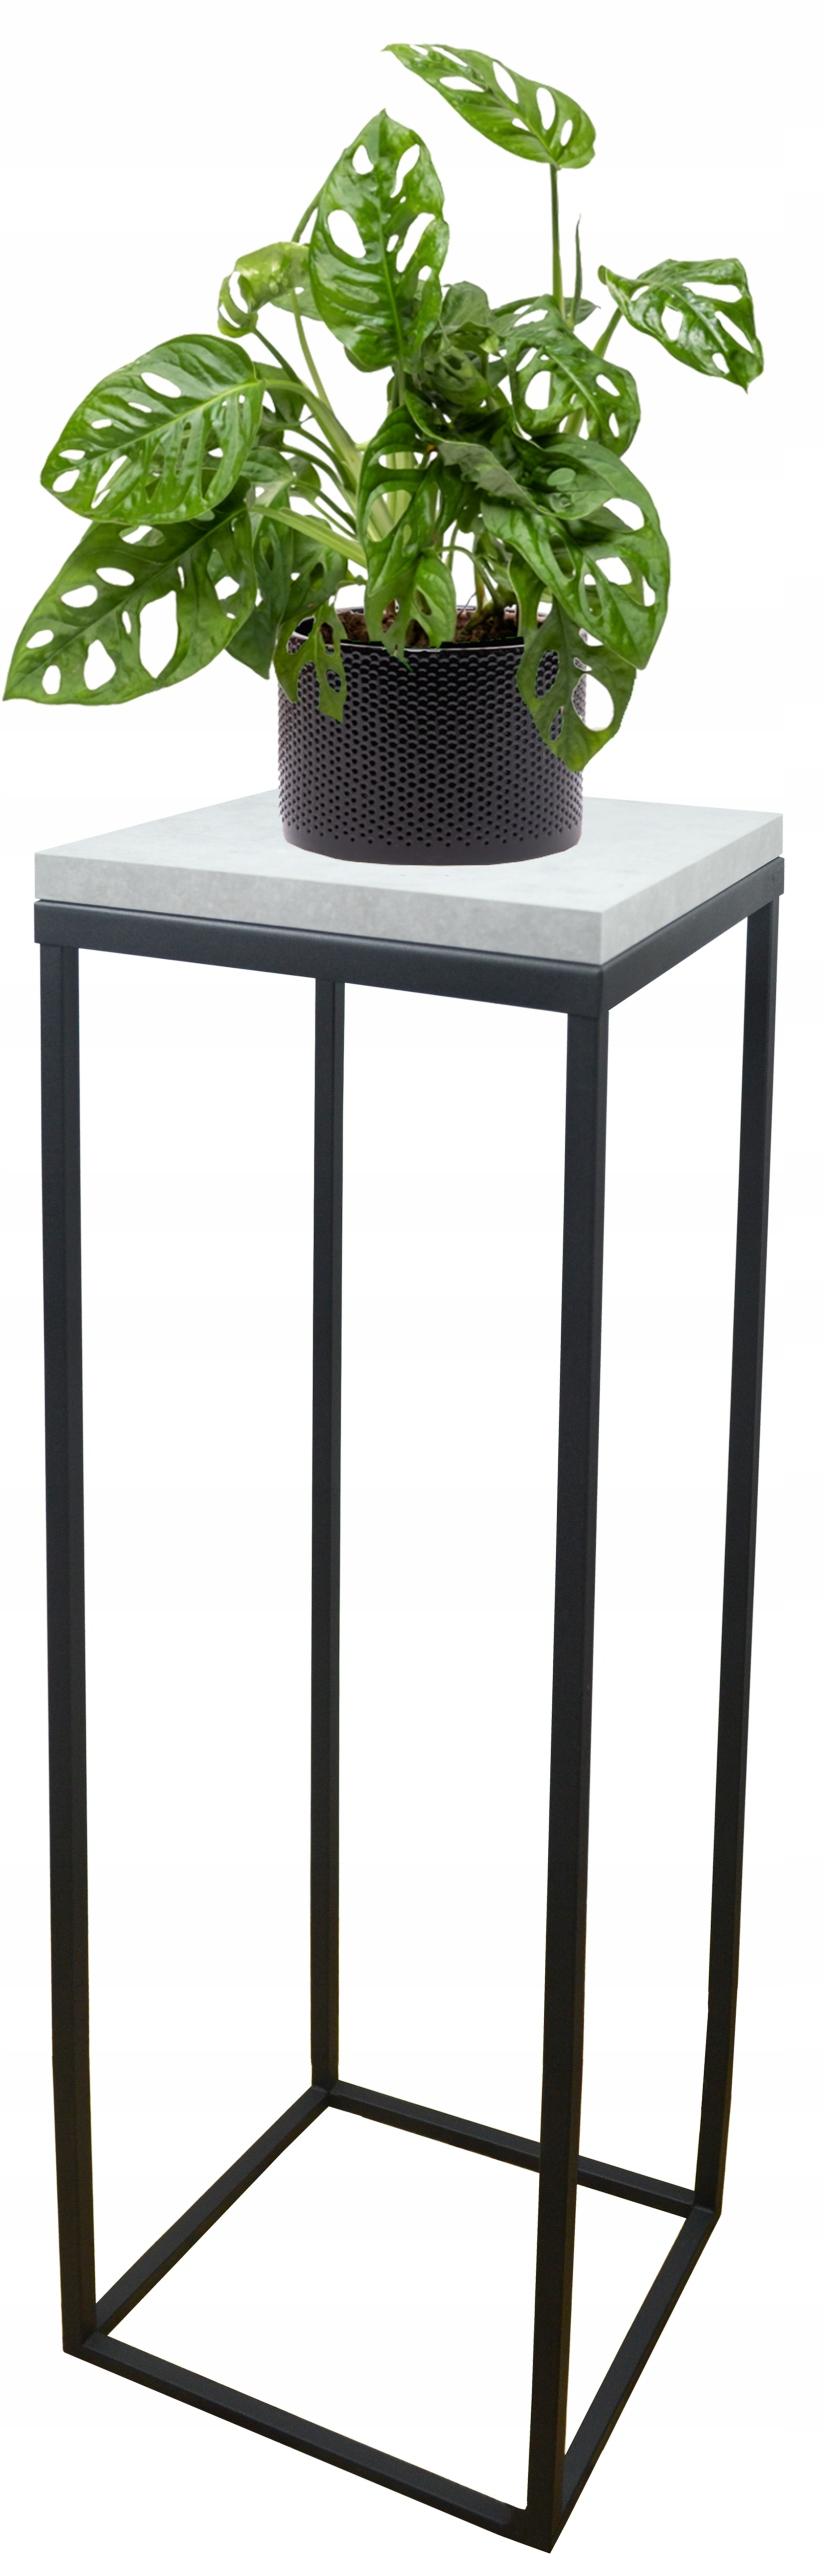 Клумба металлическая loft черная столешница Concrete Light 70см